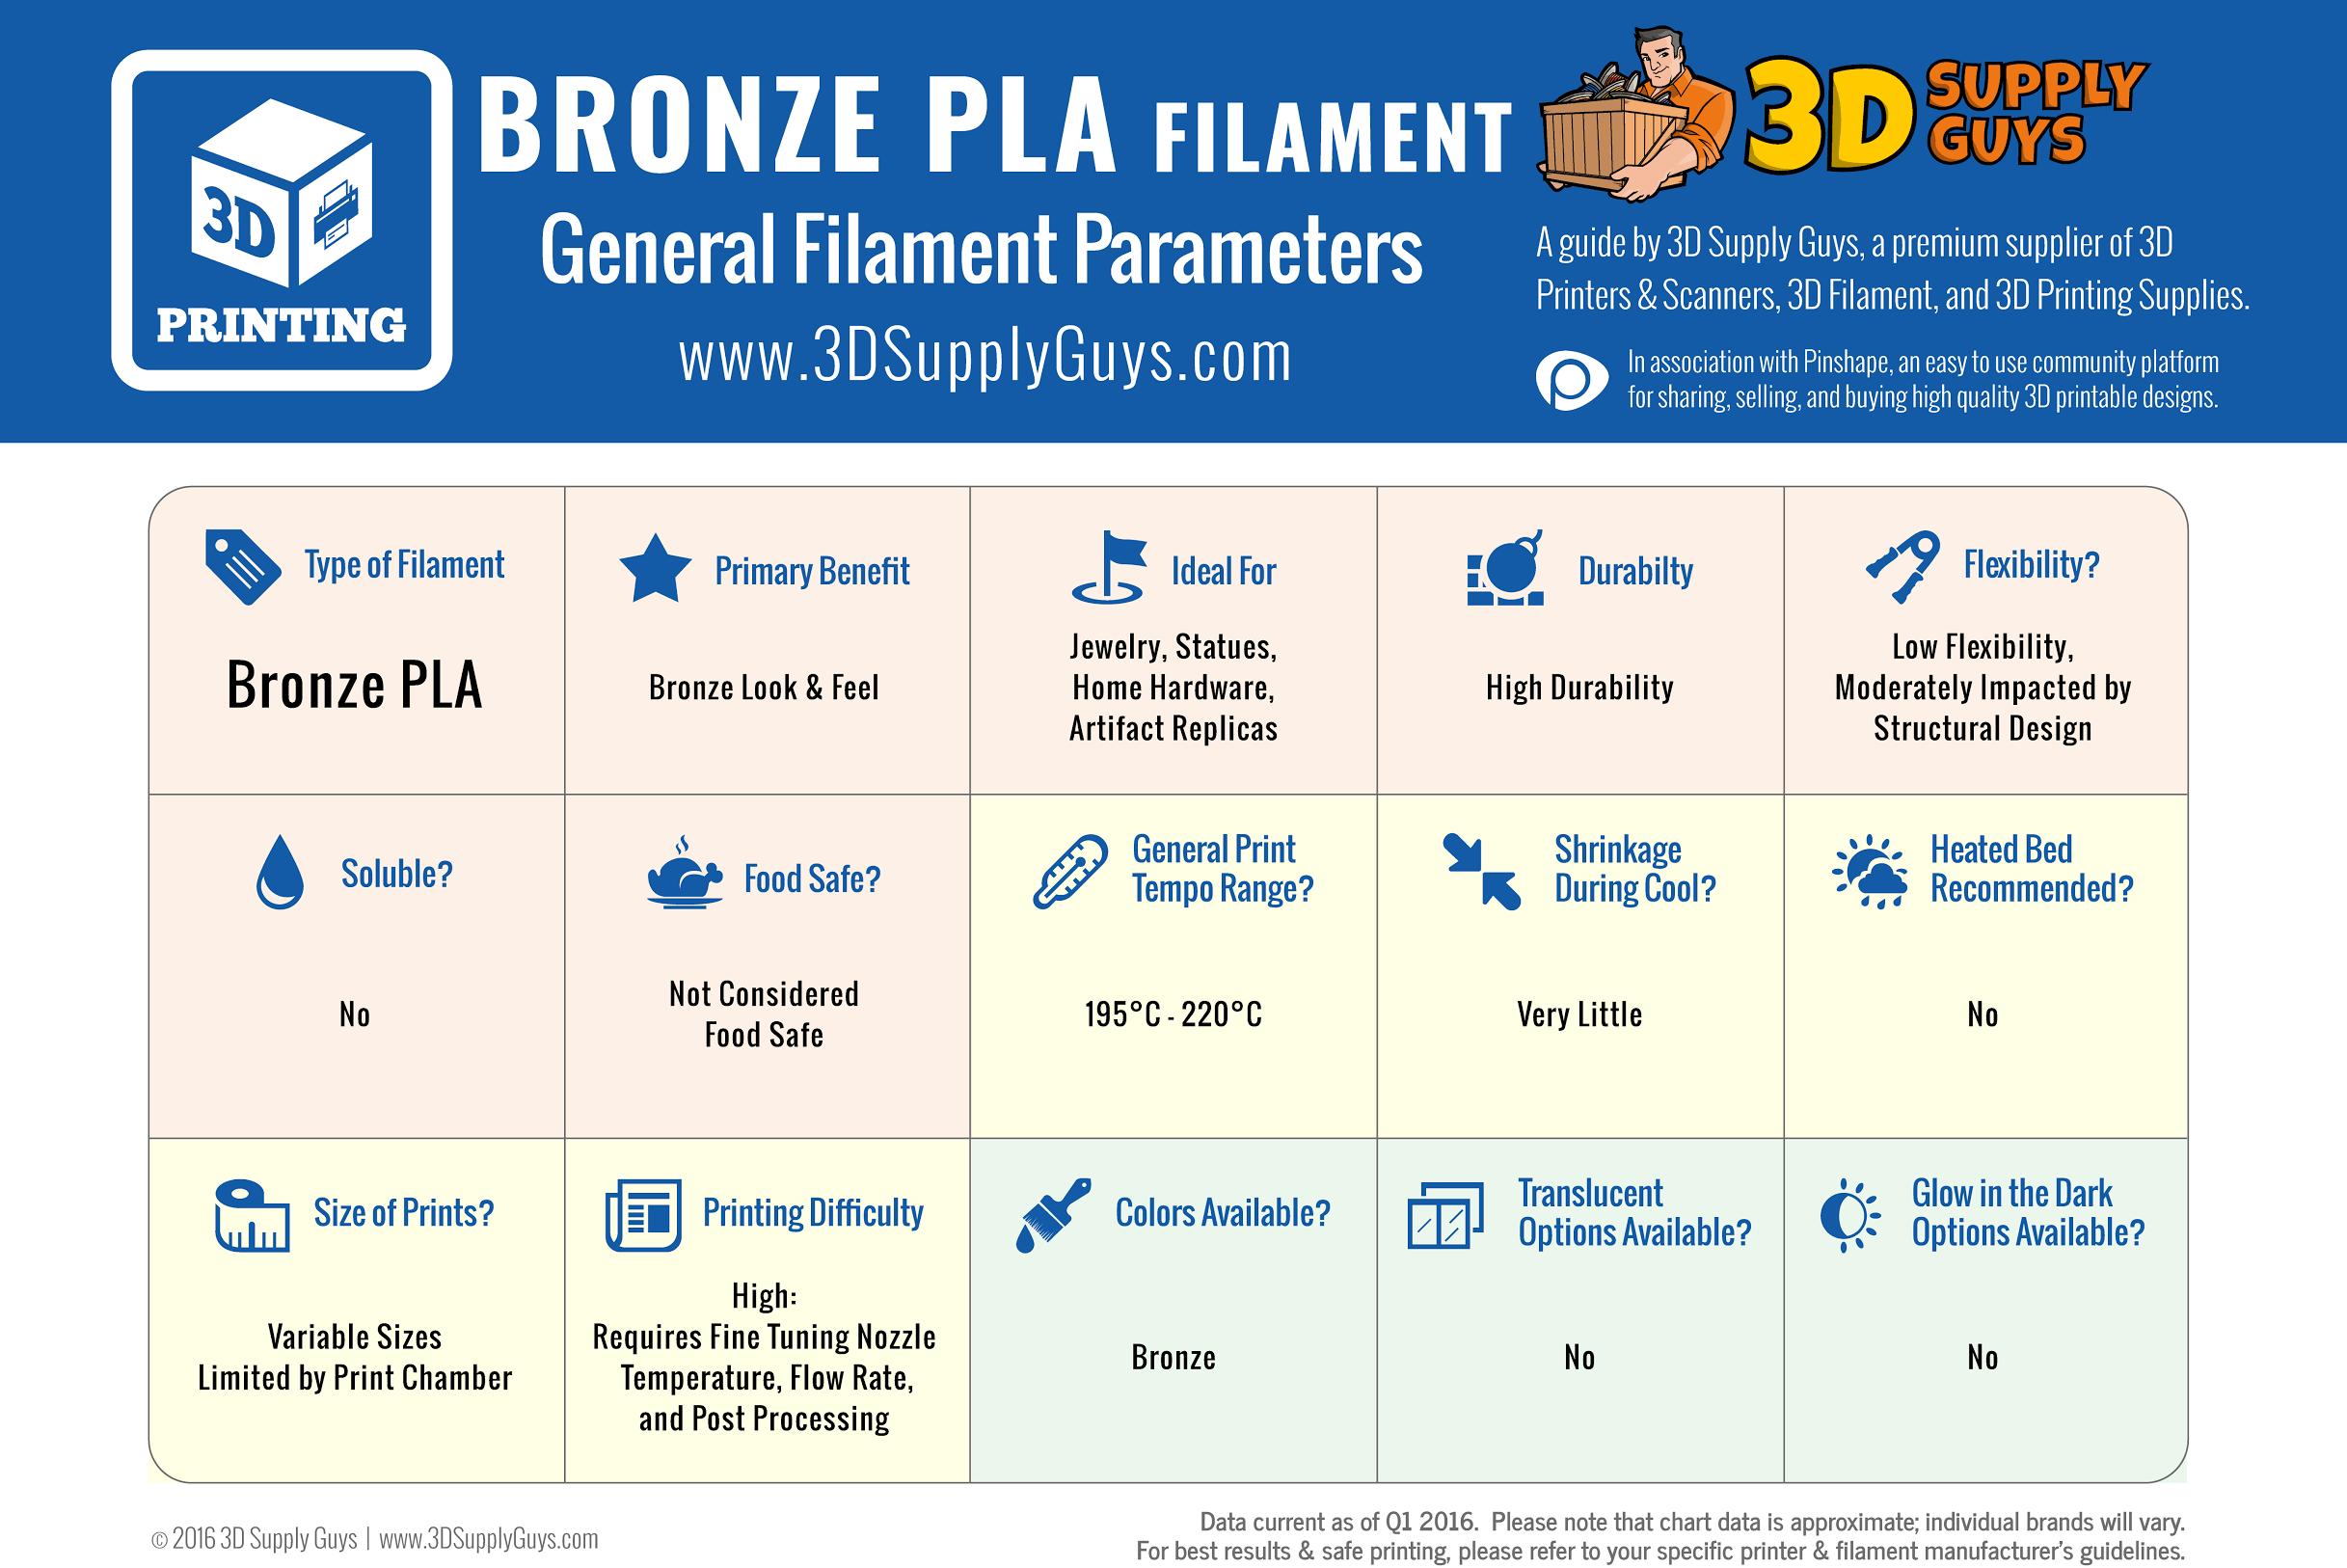 Carbon fiber filament bronze pla